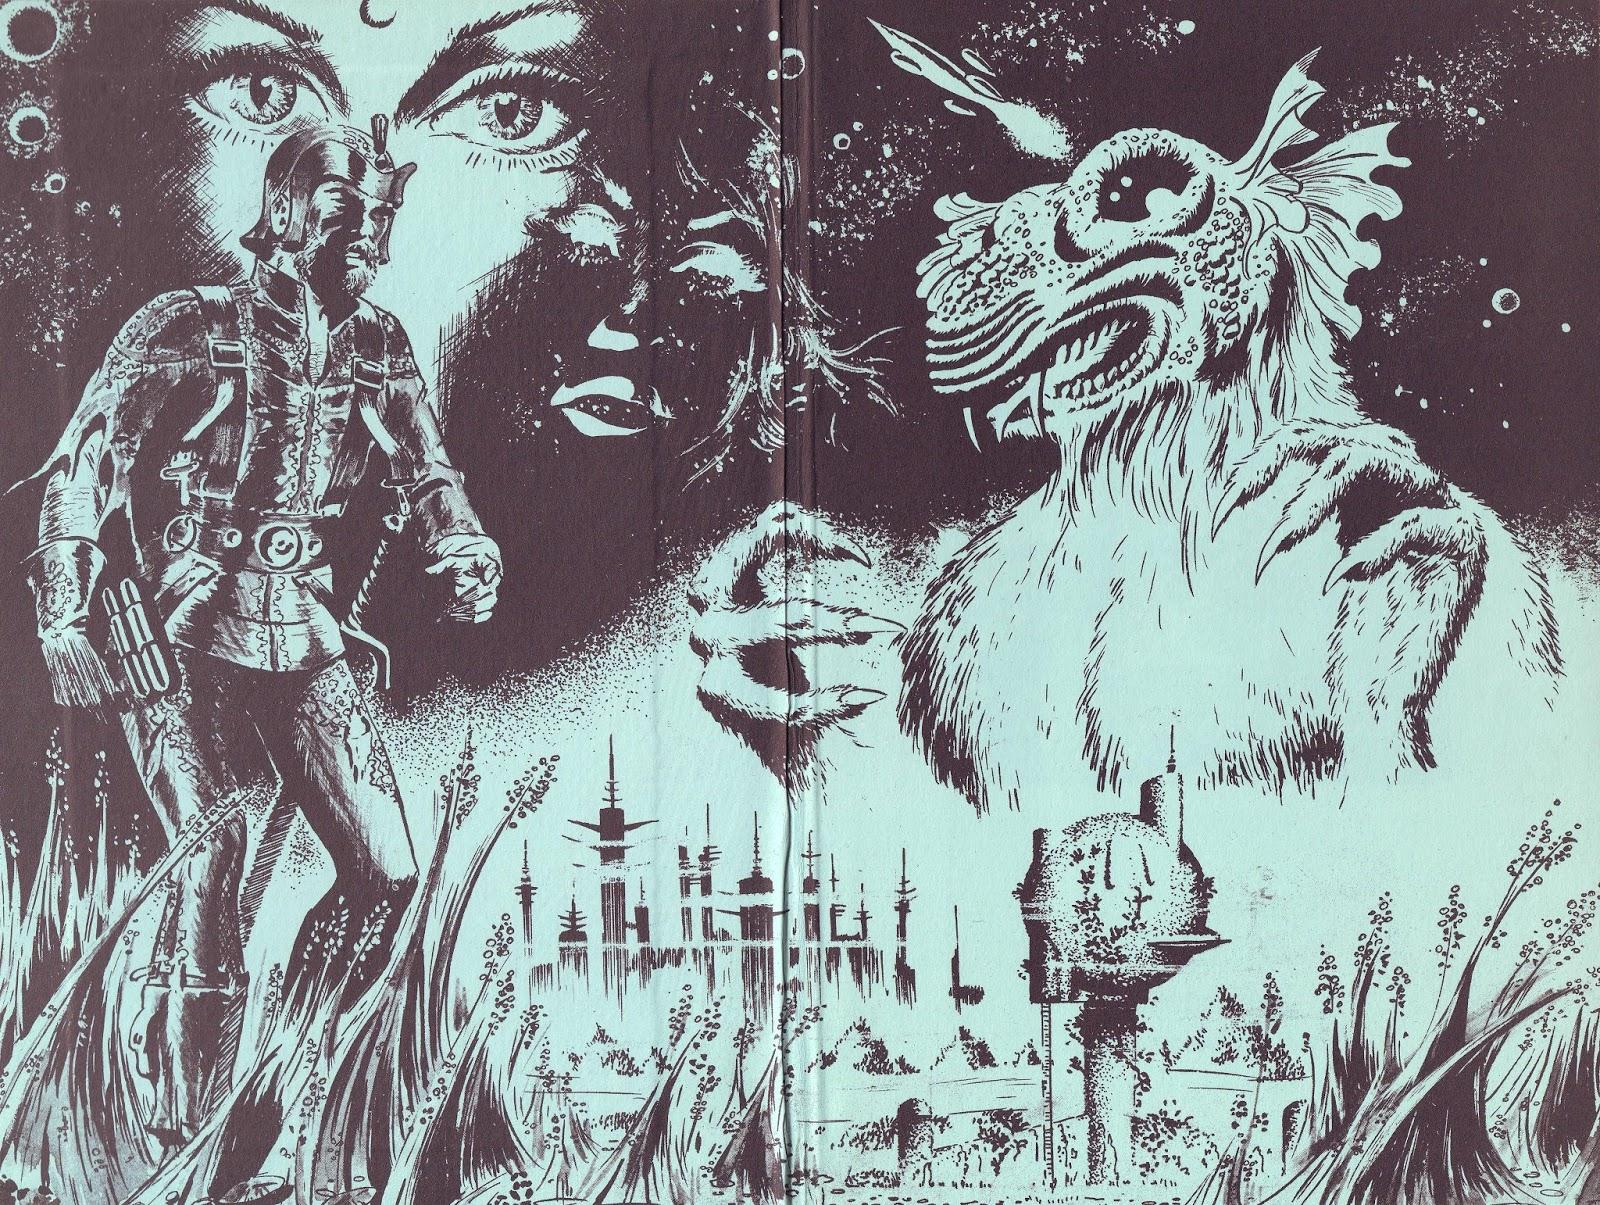 Illustration pour « Au-delà du néant » d'A. E. Van Vogt aux éditions Opta, en 1969.